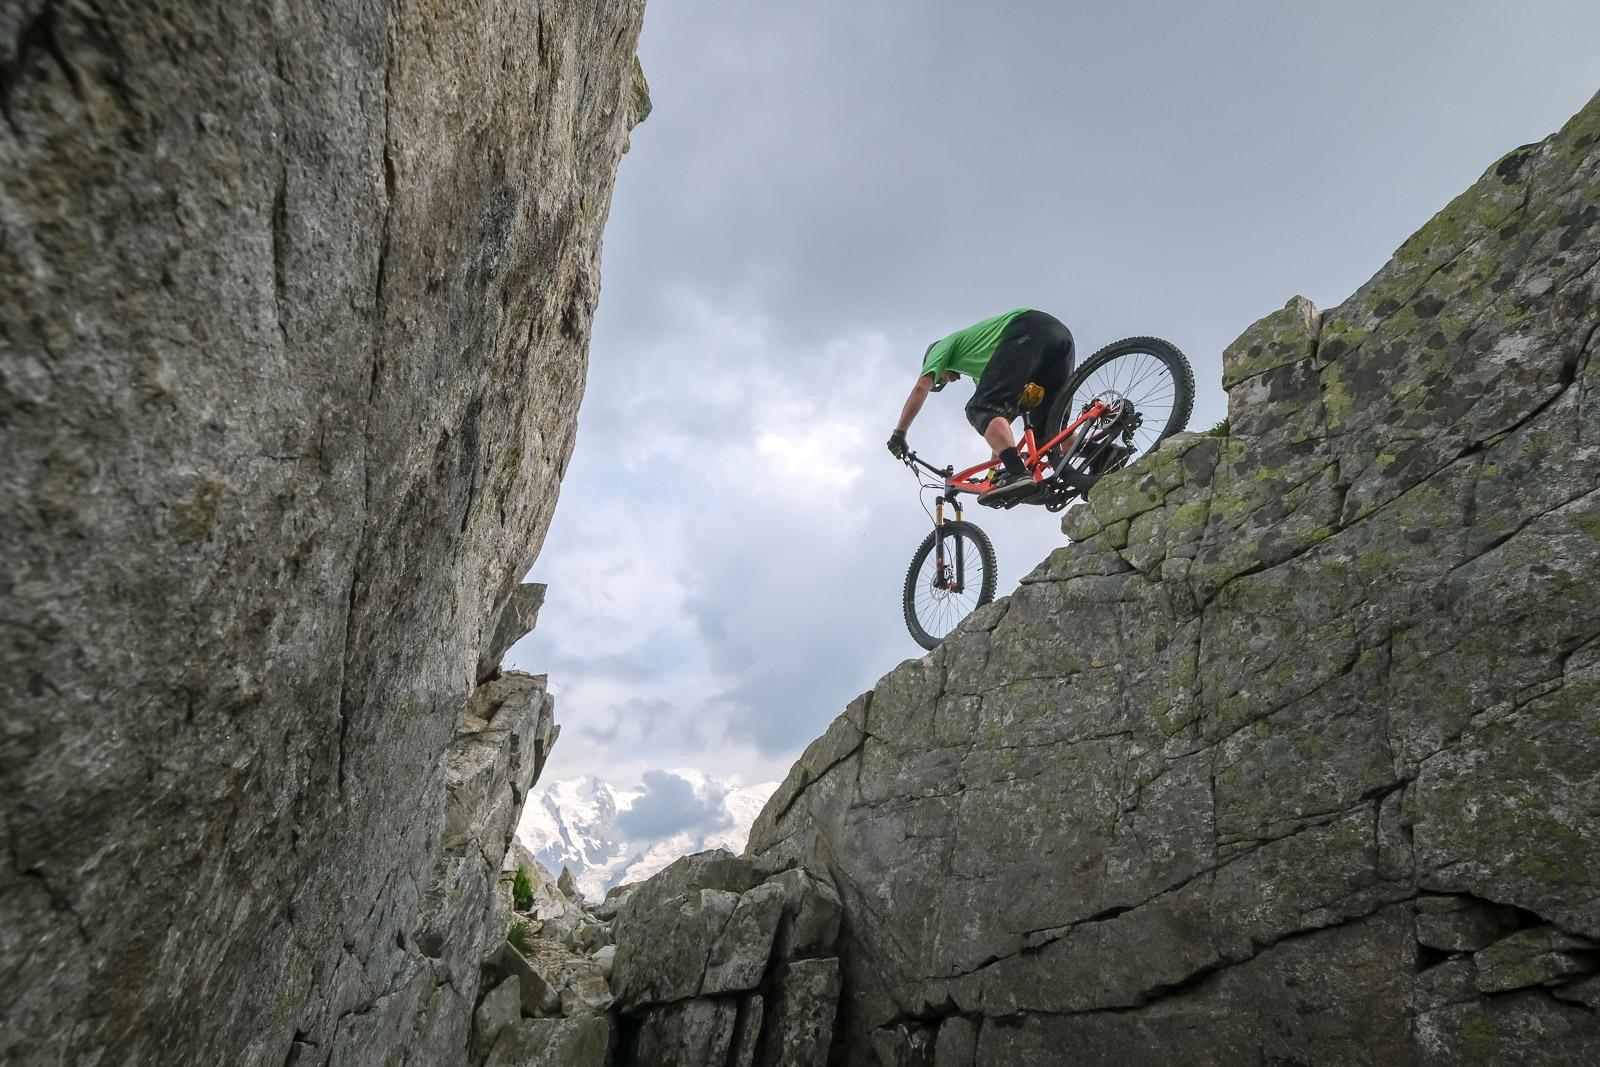 MTB mountain bikng in the alps